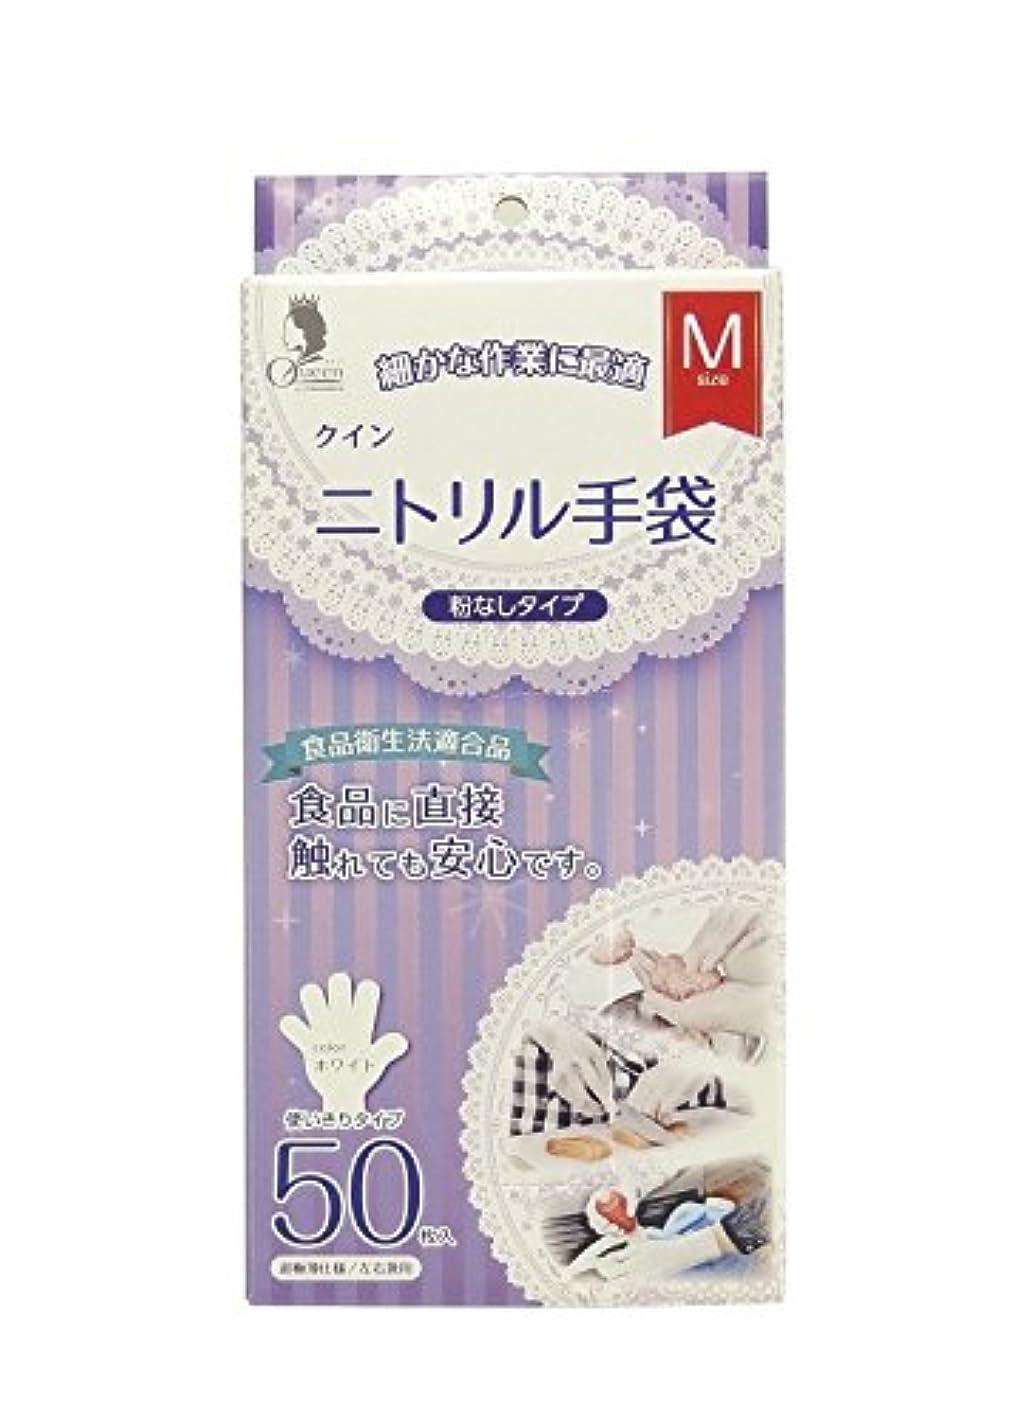 値矩形前宇都宮製作 クイン ニトリル手袋(パウダーフリー) M 50枚